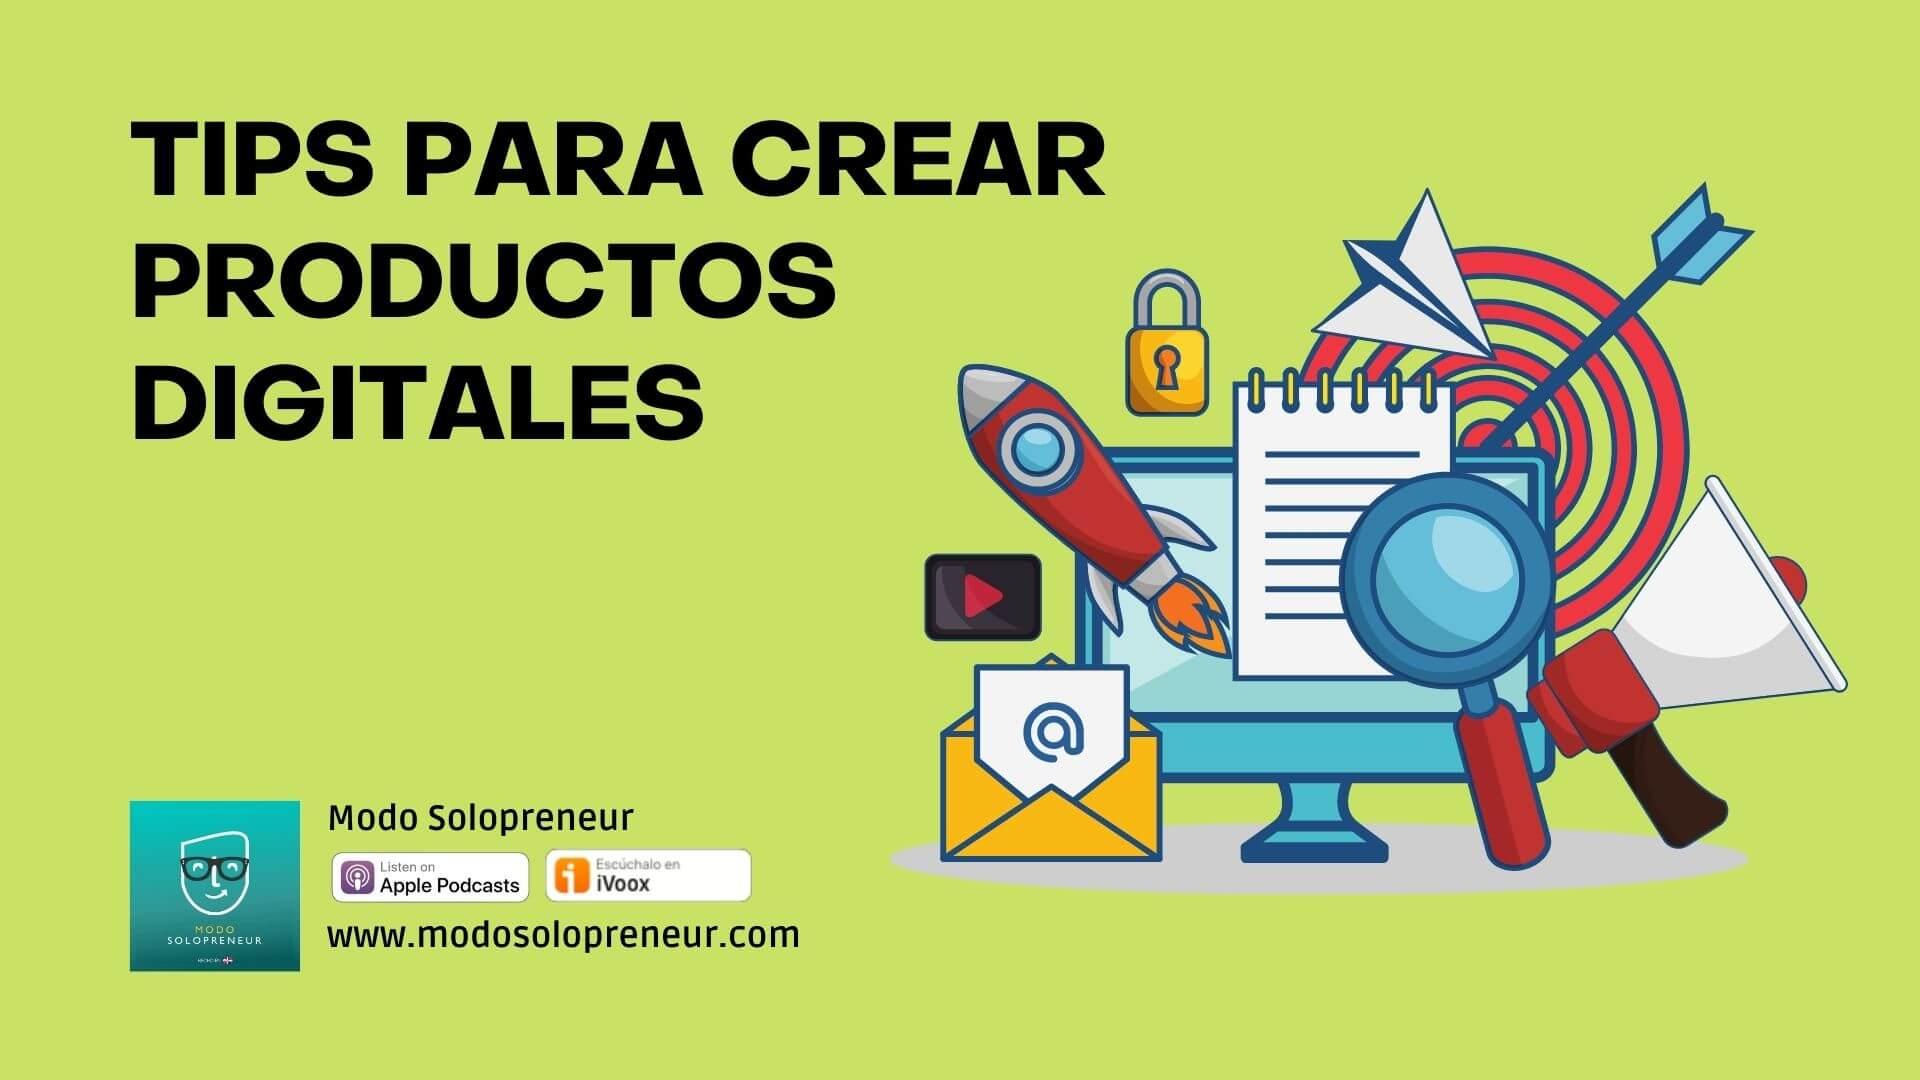 Tips para Crear Productos Digitales